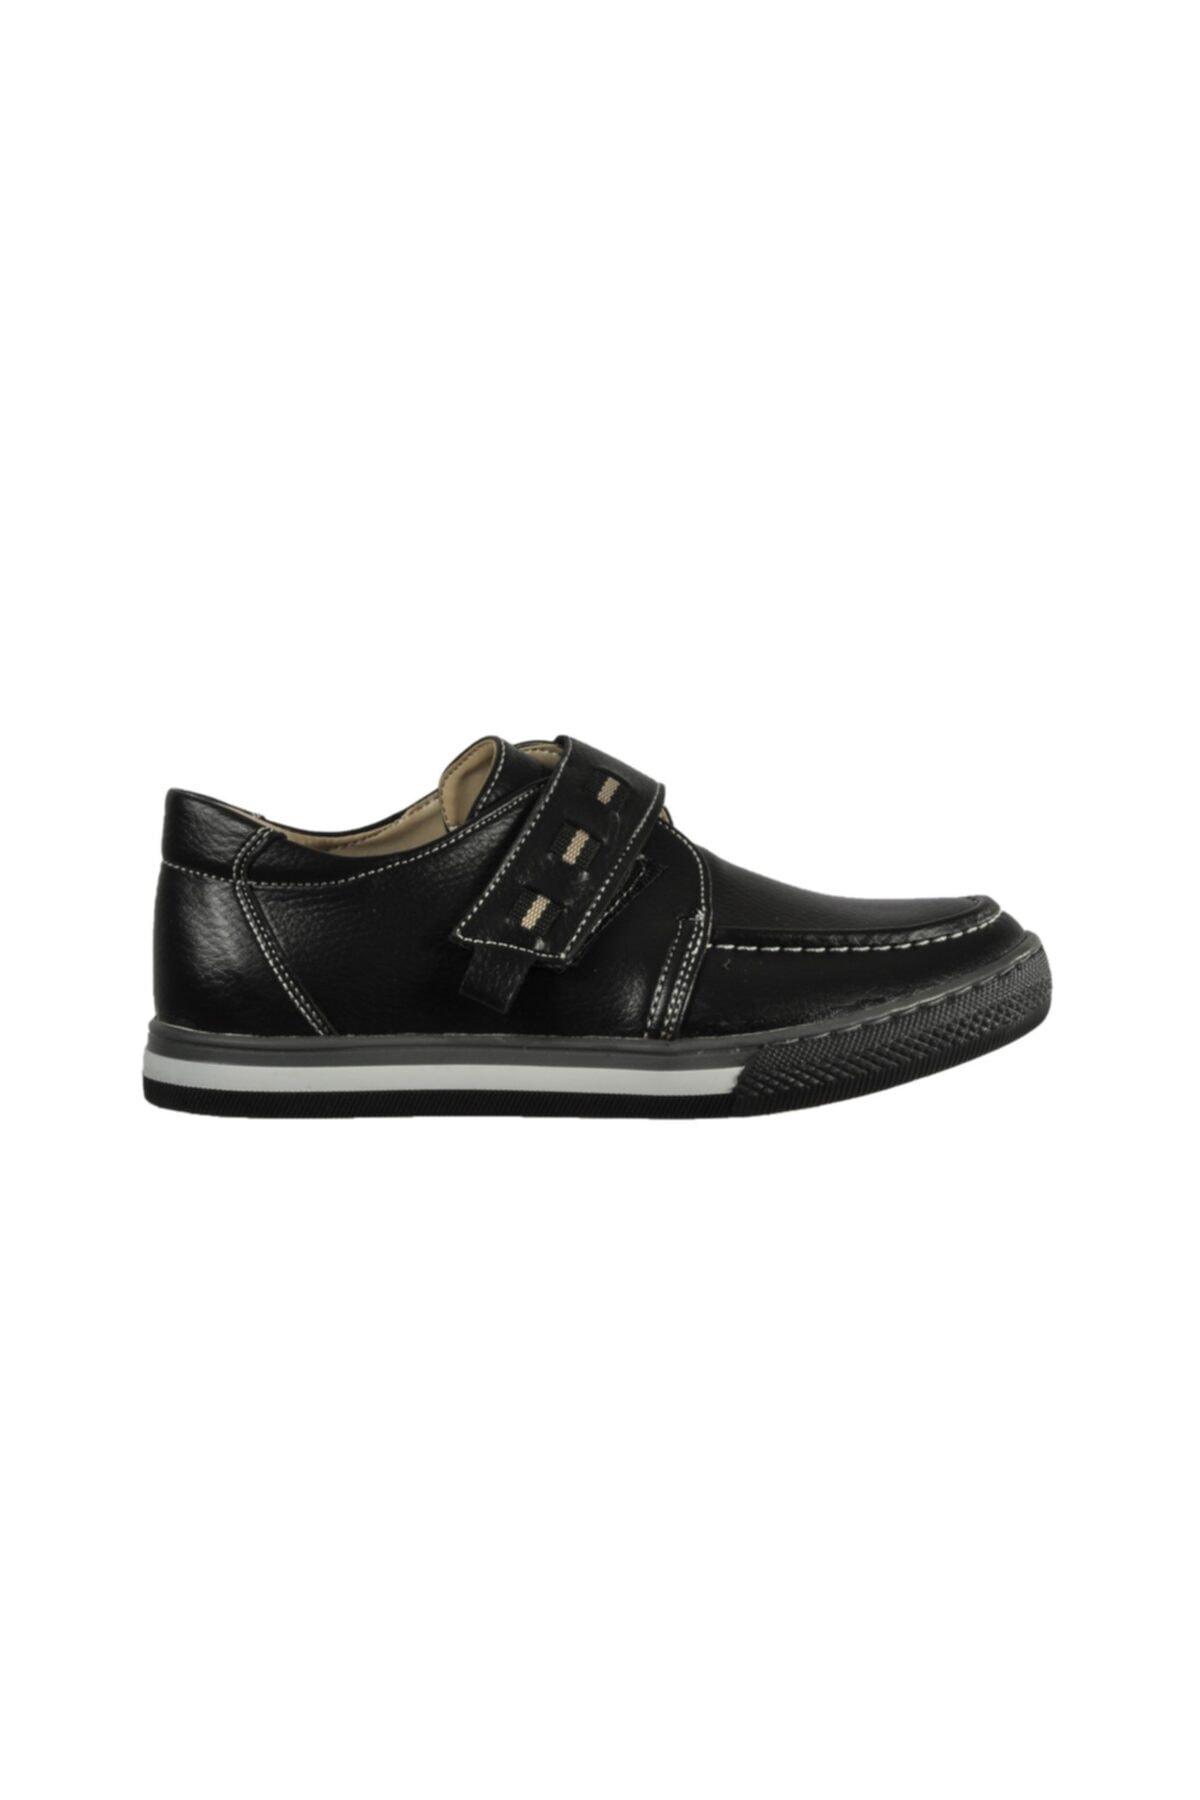 8999 Siyah Çocuk Günlük Ayakkabı